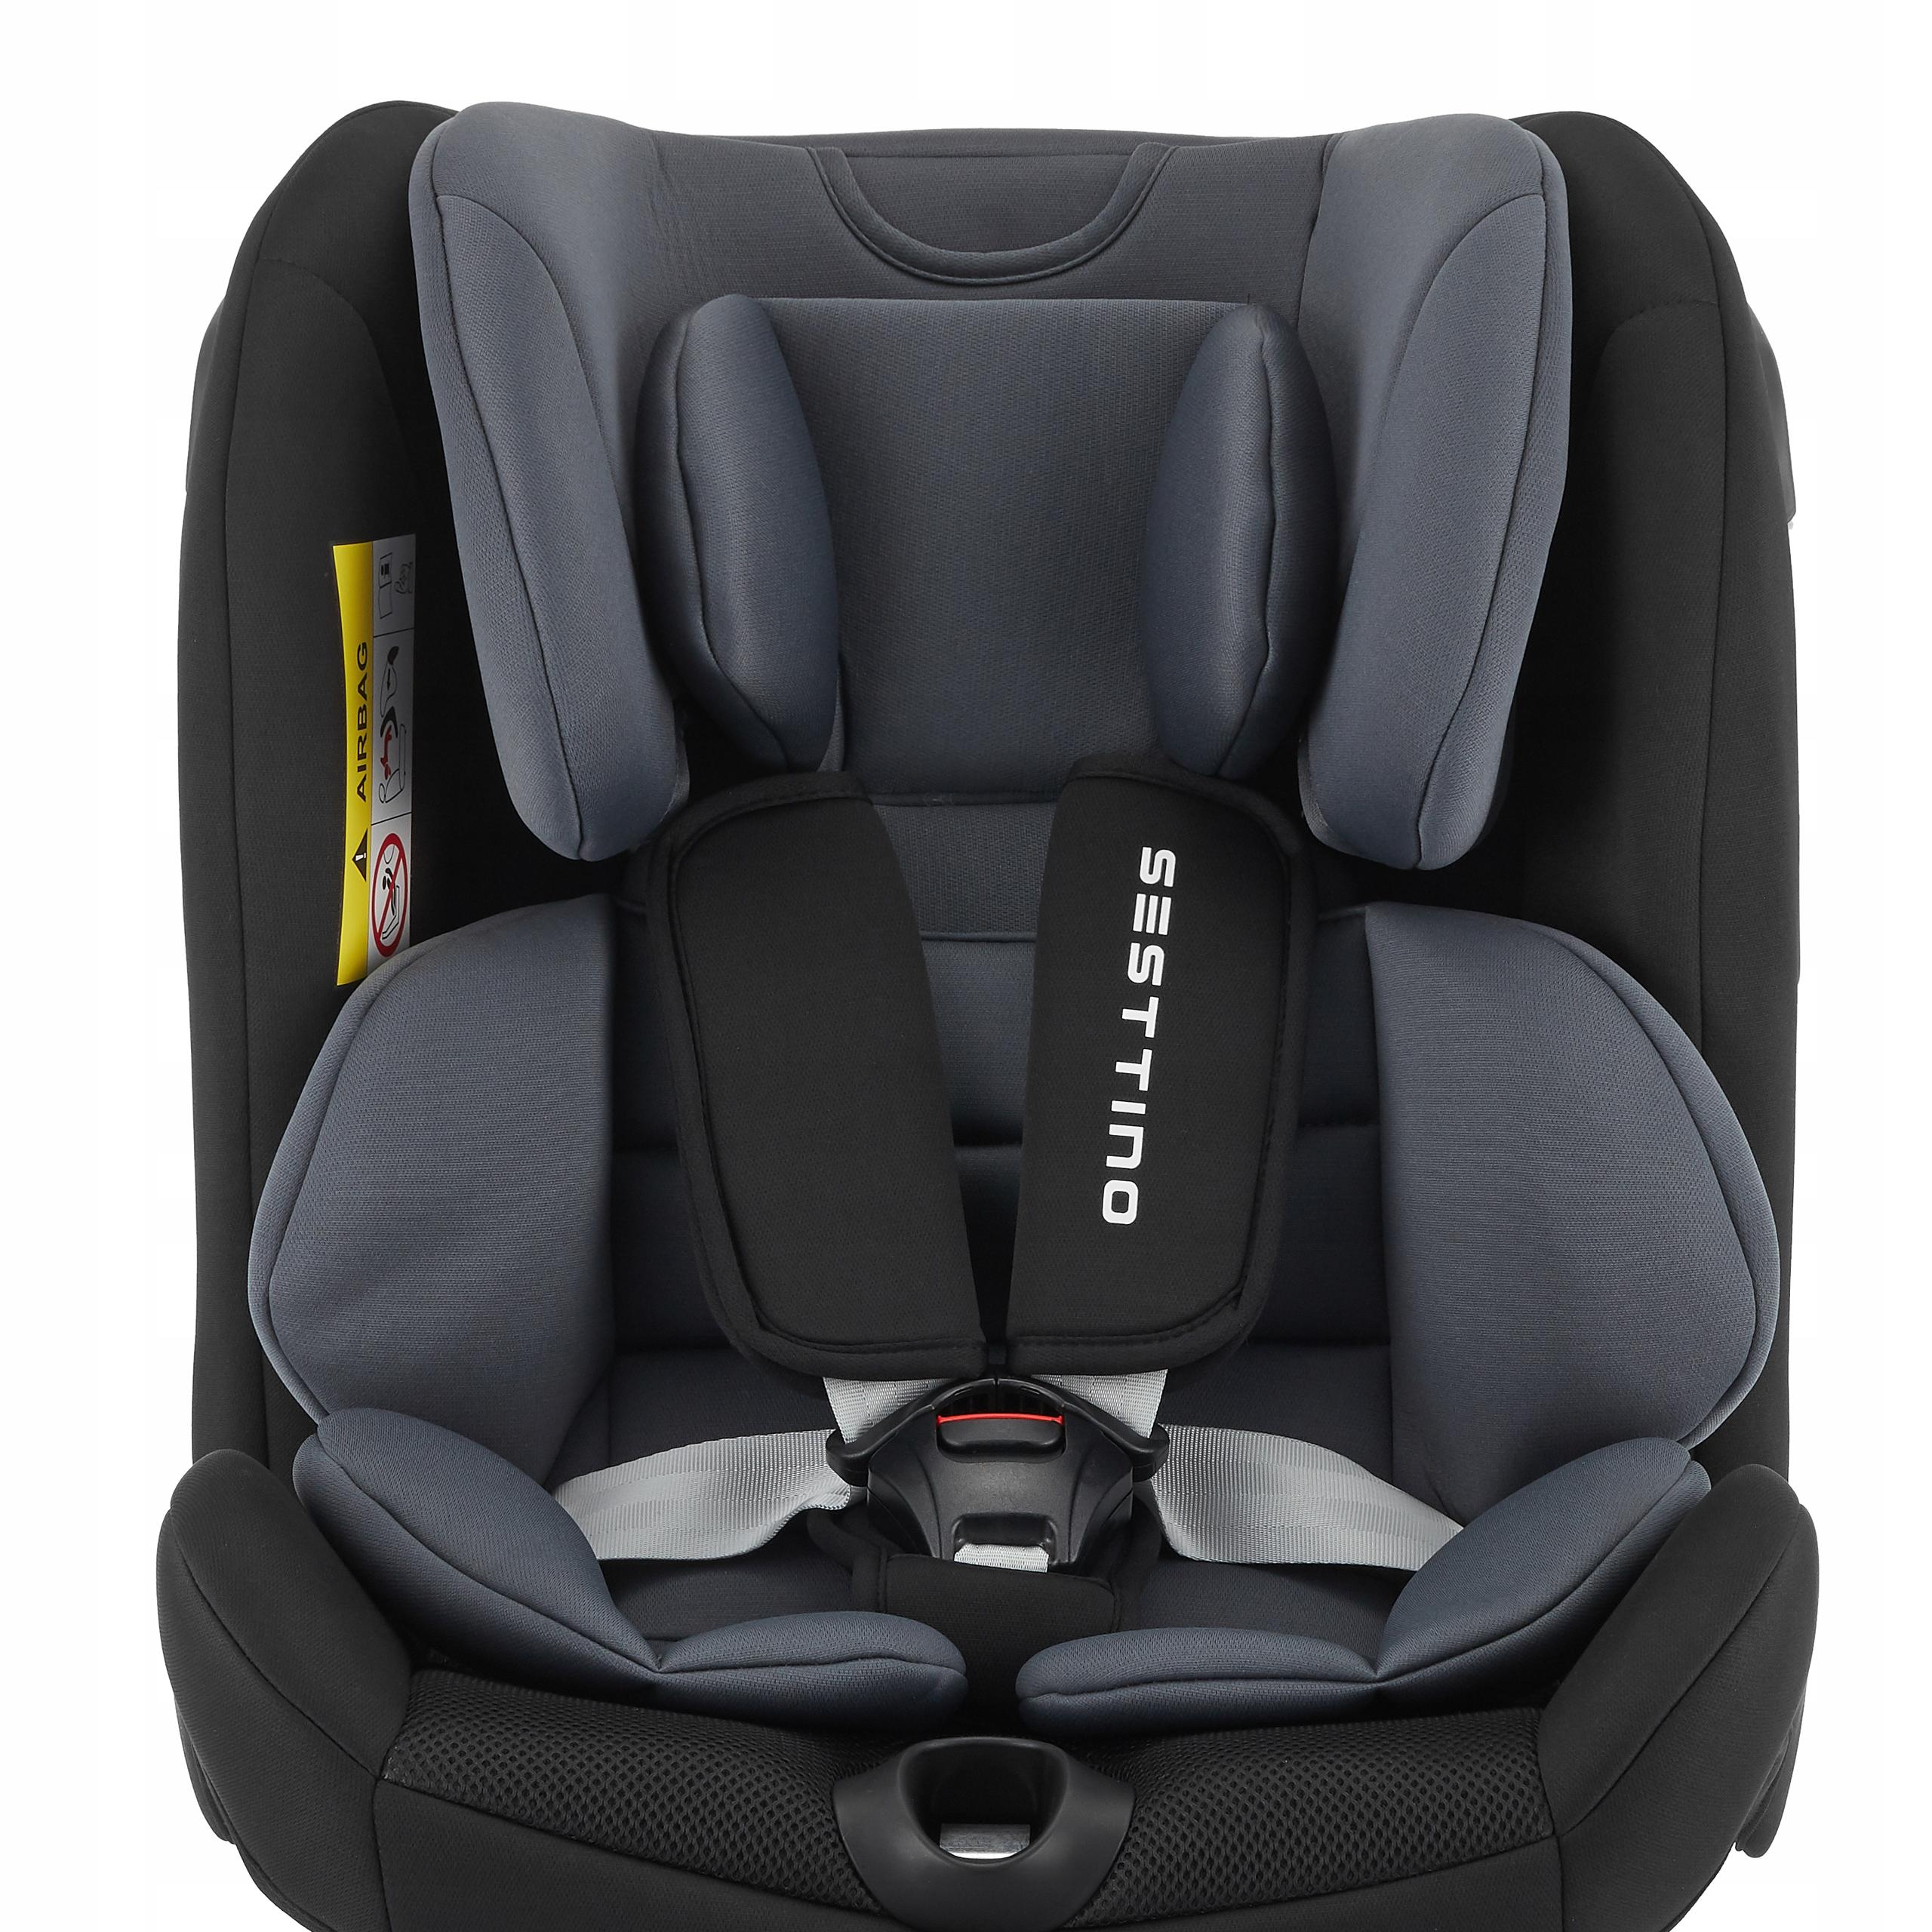 Fotelik Samochodowy Sesttino Route ISOFIX 0-36kg Sposób montażu samochodowy pas bezpieczeństwa ISOFIX